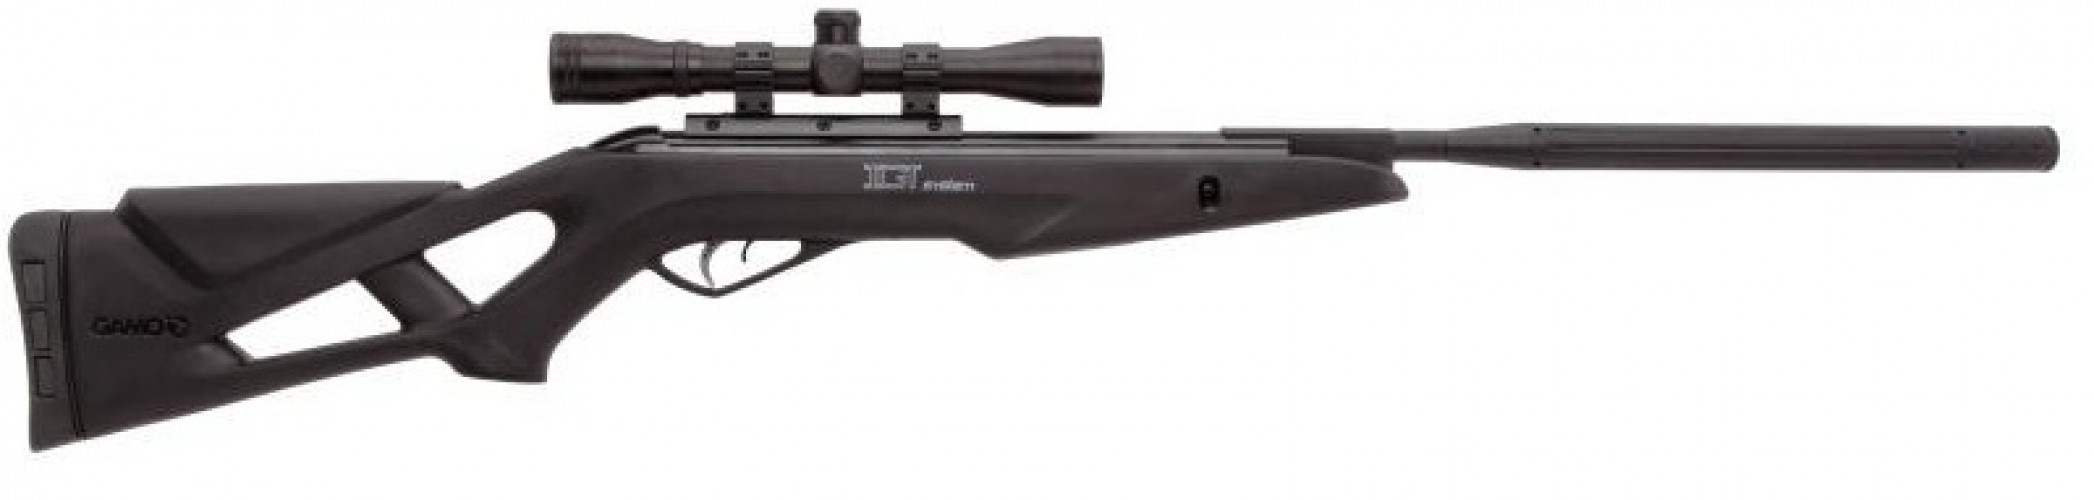 Пневматическая винтовка Gamo Bull Whisper F 4,5 мм